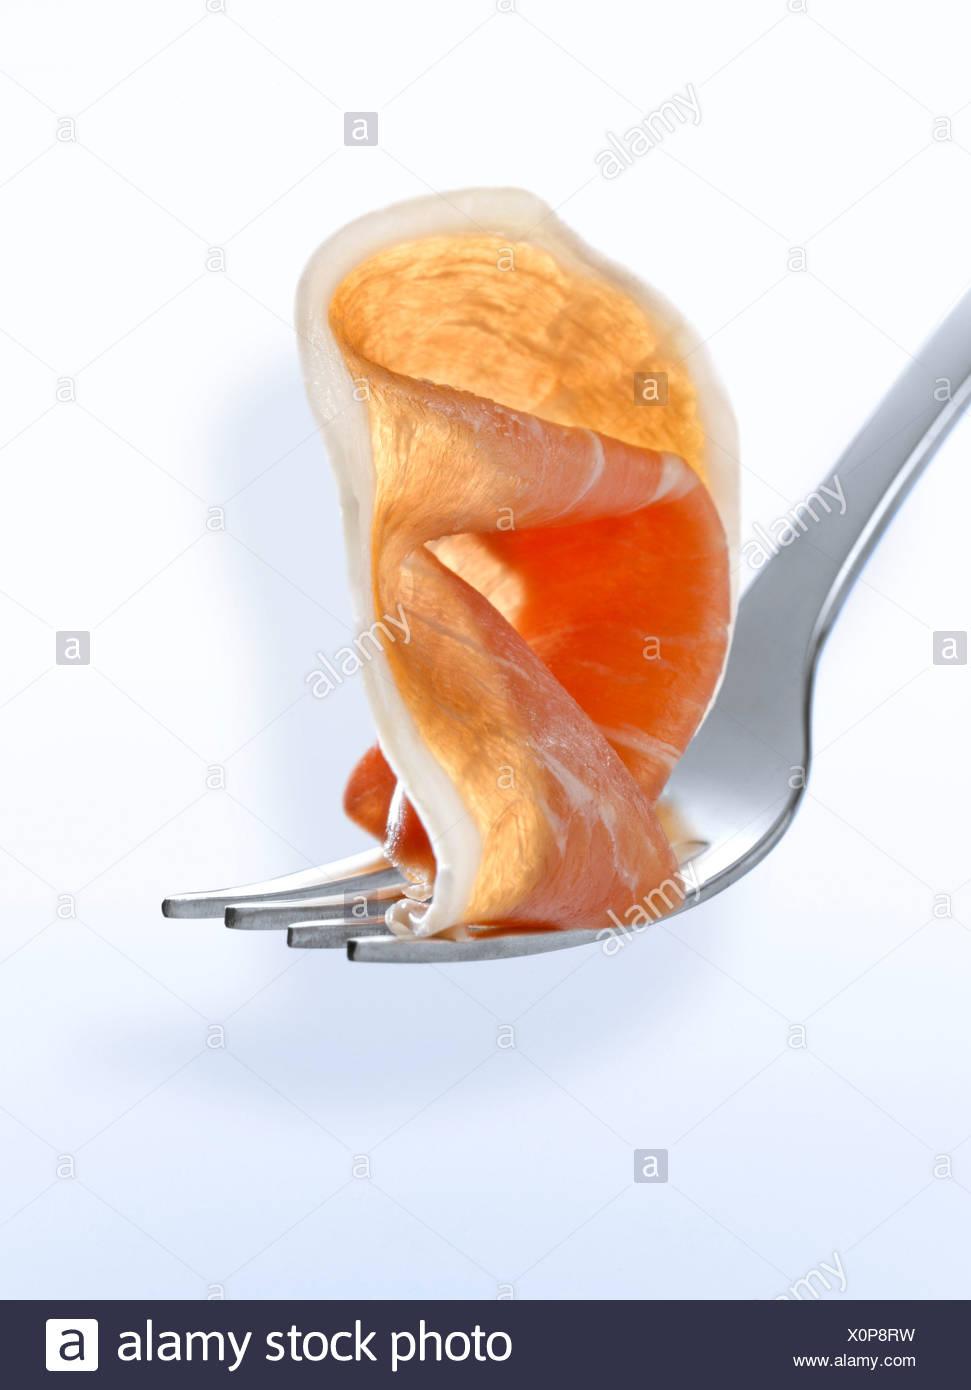 Fetta di prosciutto crudo su una forcella Immagini Stock